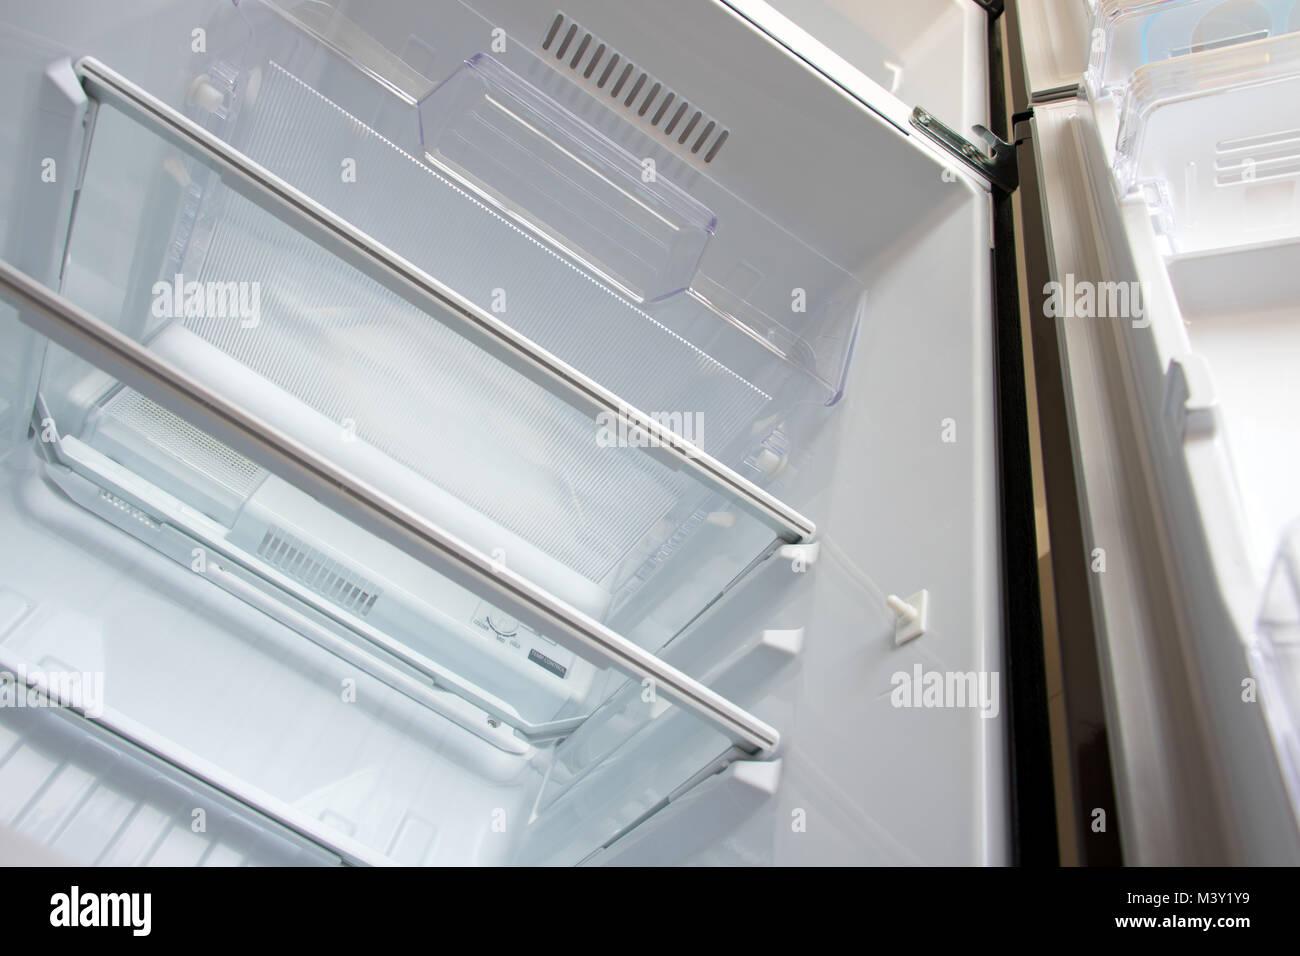 Kühlschrank Alarm Offene Tür : Kühlschrank mit gefrierfach stockfotos kühlschrank mit